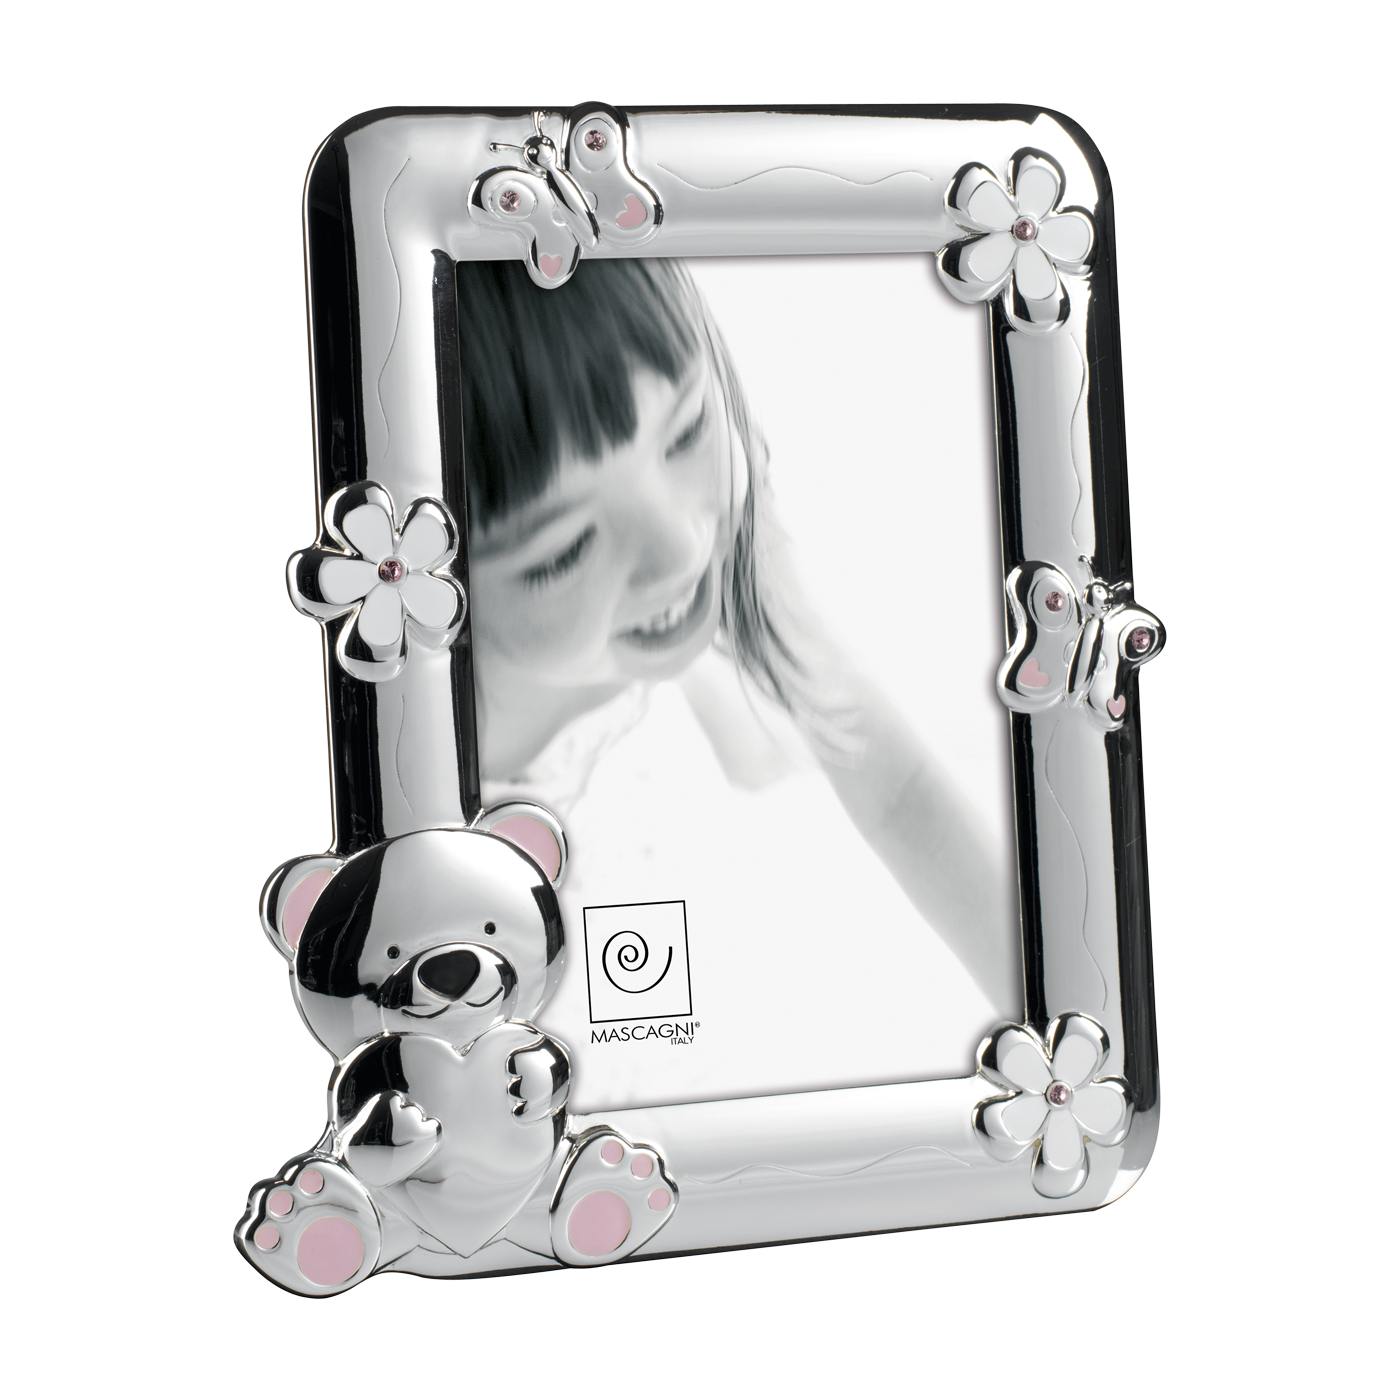 Mascagni Cornice portafotoin metallo lucido con orsetto e decorazioni rosa A186